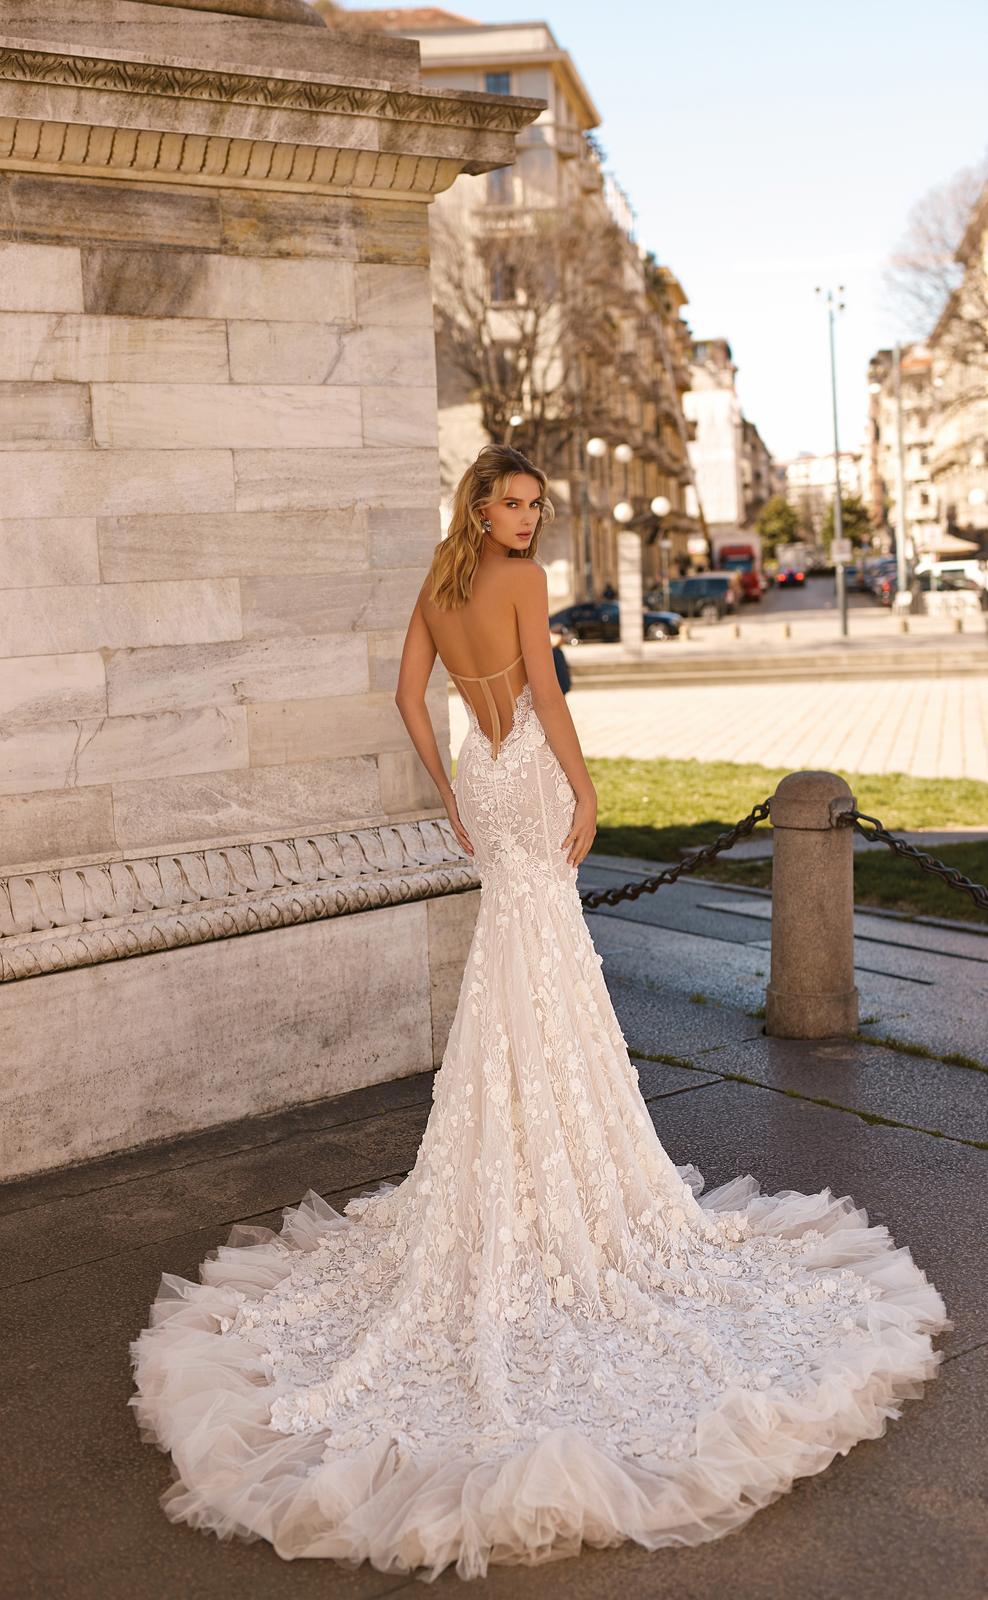 Svadobné šaty jar/leto 2020 BERTA Miláno - Obrázok č. 7